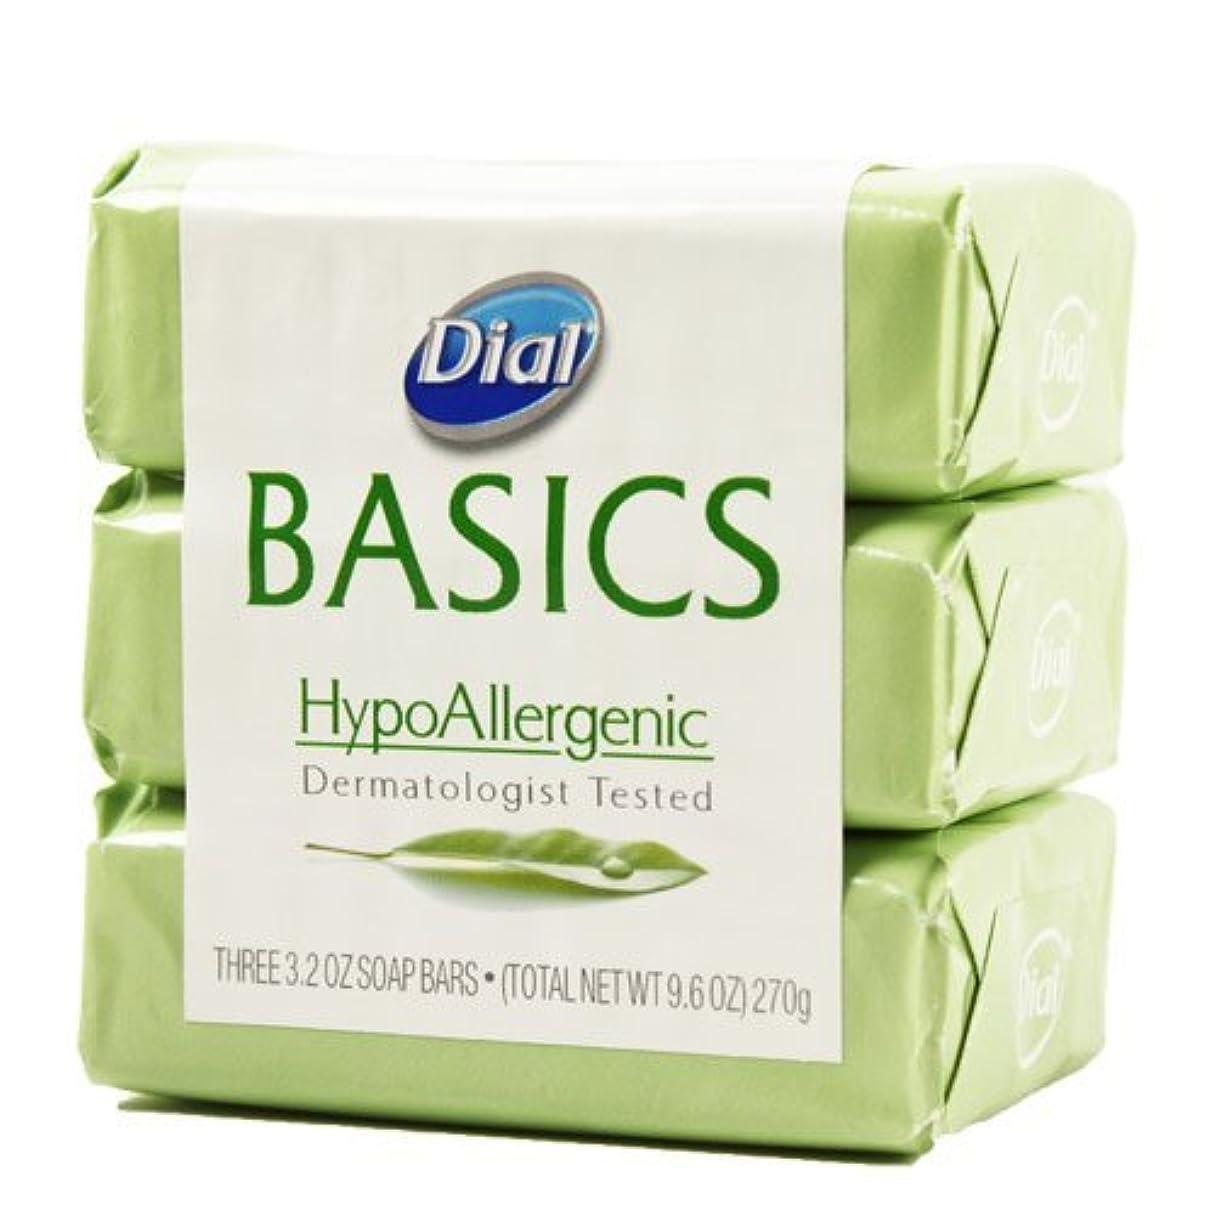 忌まわしいテセウスメーカーDial Basics HypoAllergenic Dermatologist Tested Bar Soap, 3.2 oz (18 Bars) by Basics